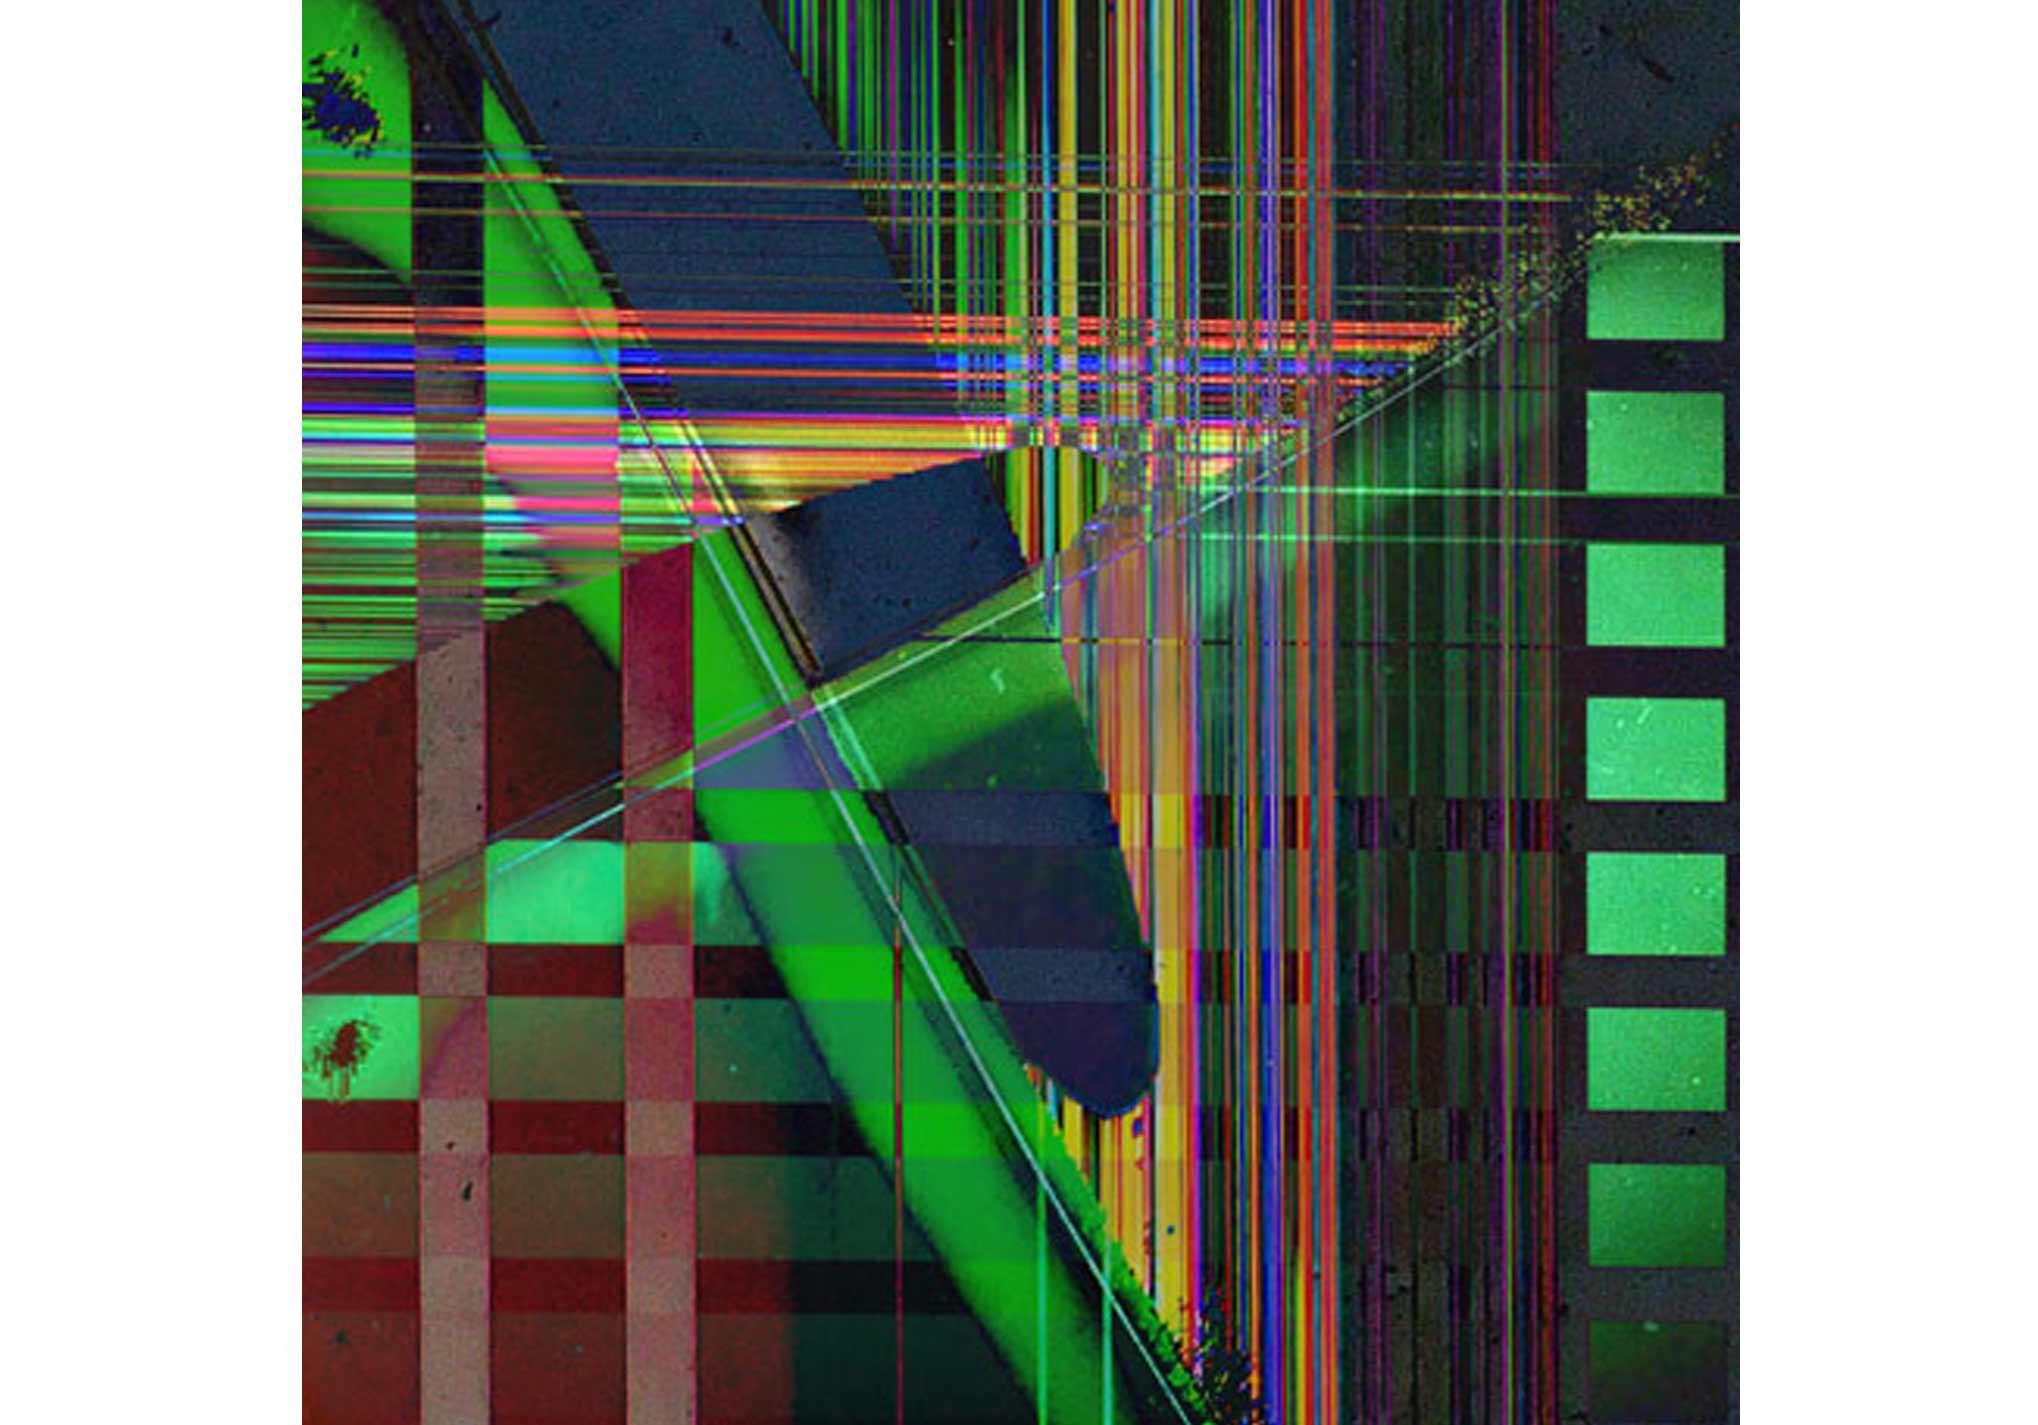 015-Andreas-Altvater---Crash